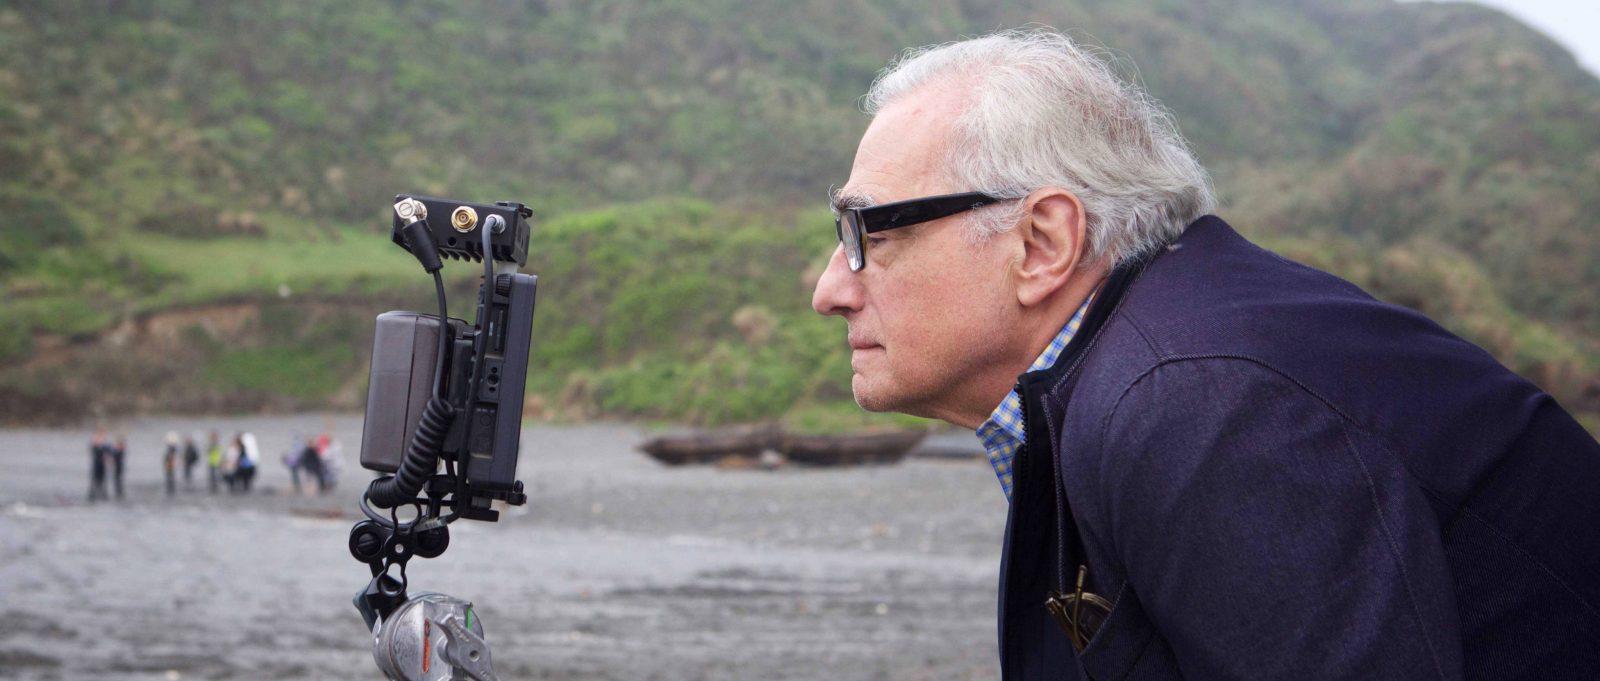 Мартин Скорсезе порекомендовал никогда не смотреть его фильмы на телефоне